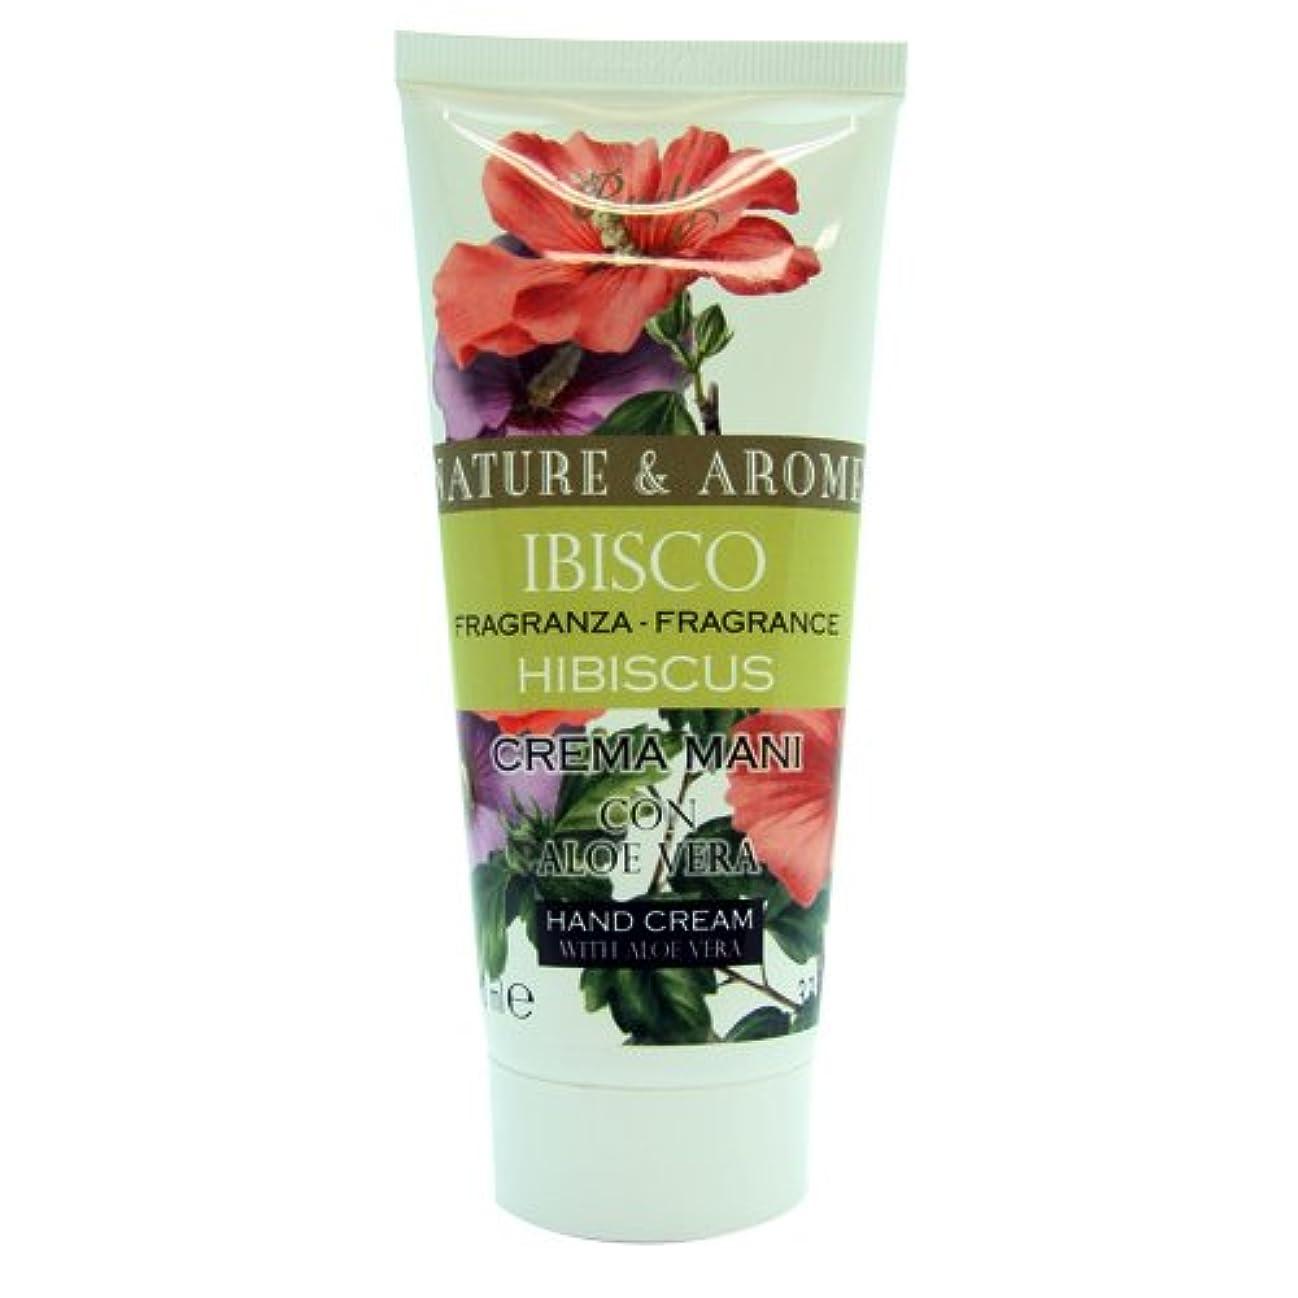 違うマウント前提RUDY Nature&Arome SERIES ルディ ナチュール&アロマ Hand Cream ハンドクリーム  Hibiscus ハイビスカス